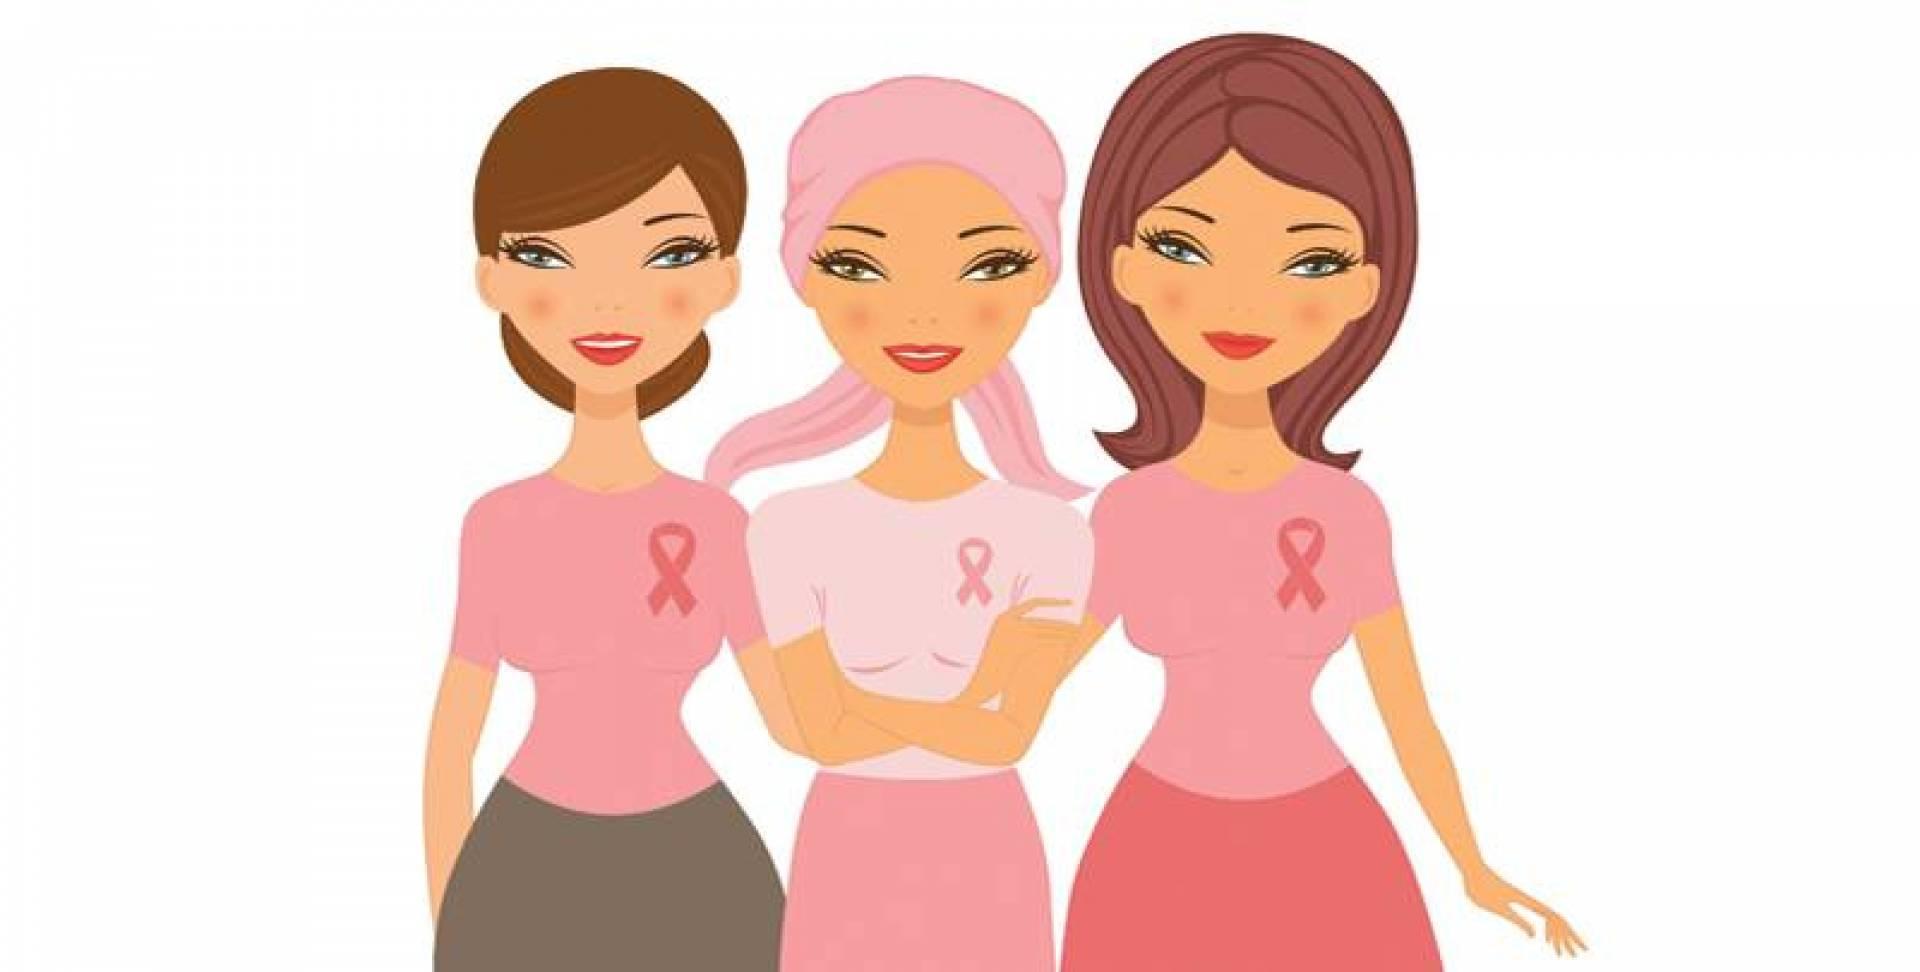 العلاج الكيميائي لسرطان الثدي: متى يُستخدَم؟